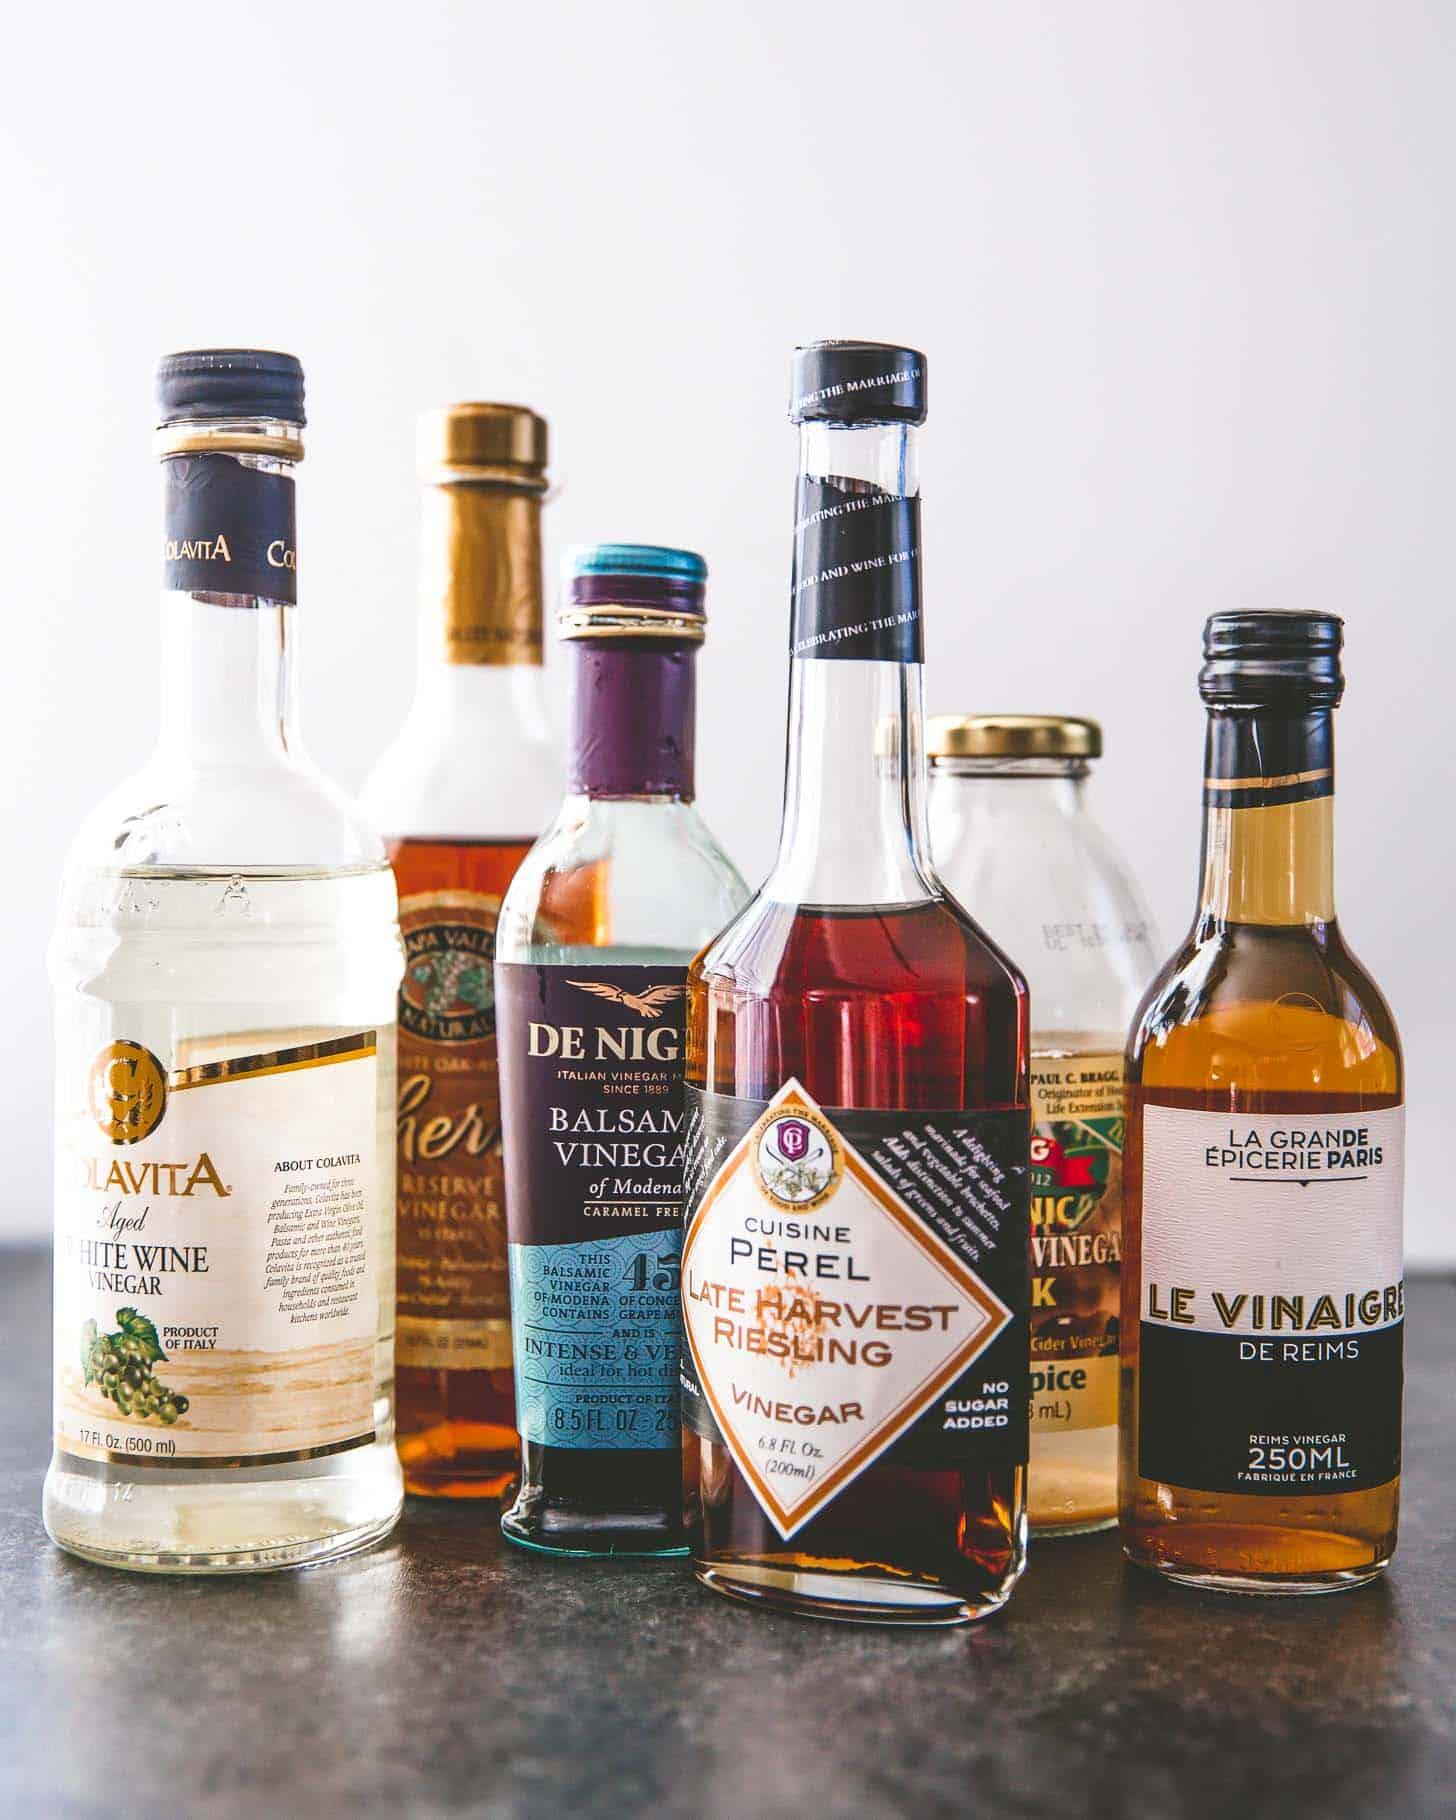 bottles of vinegar